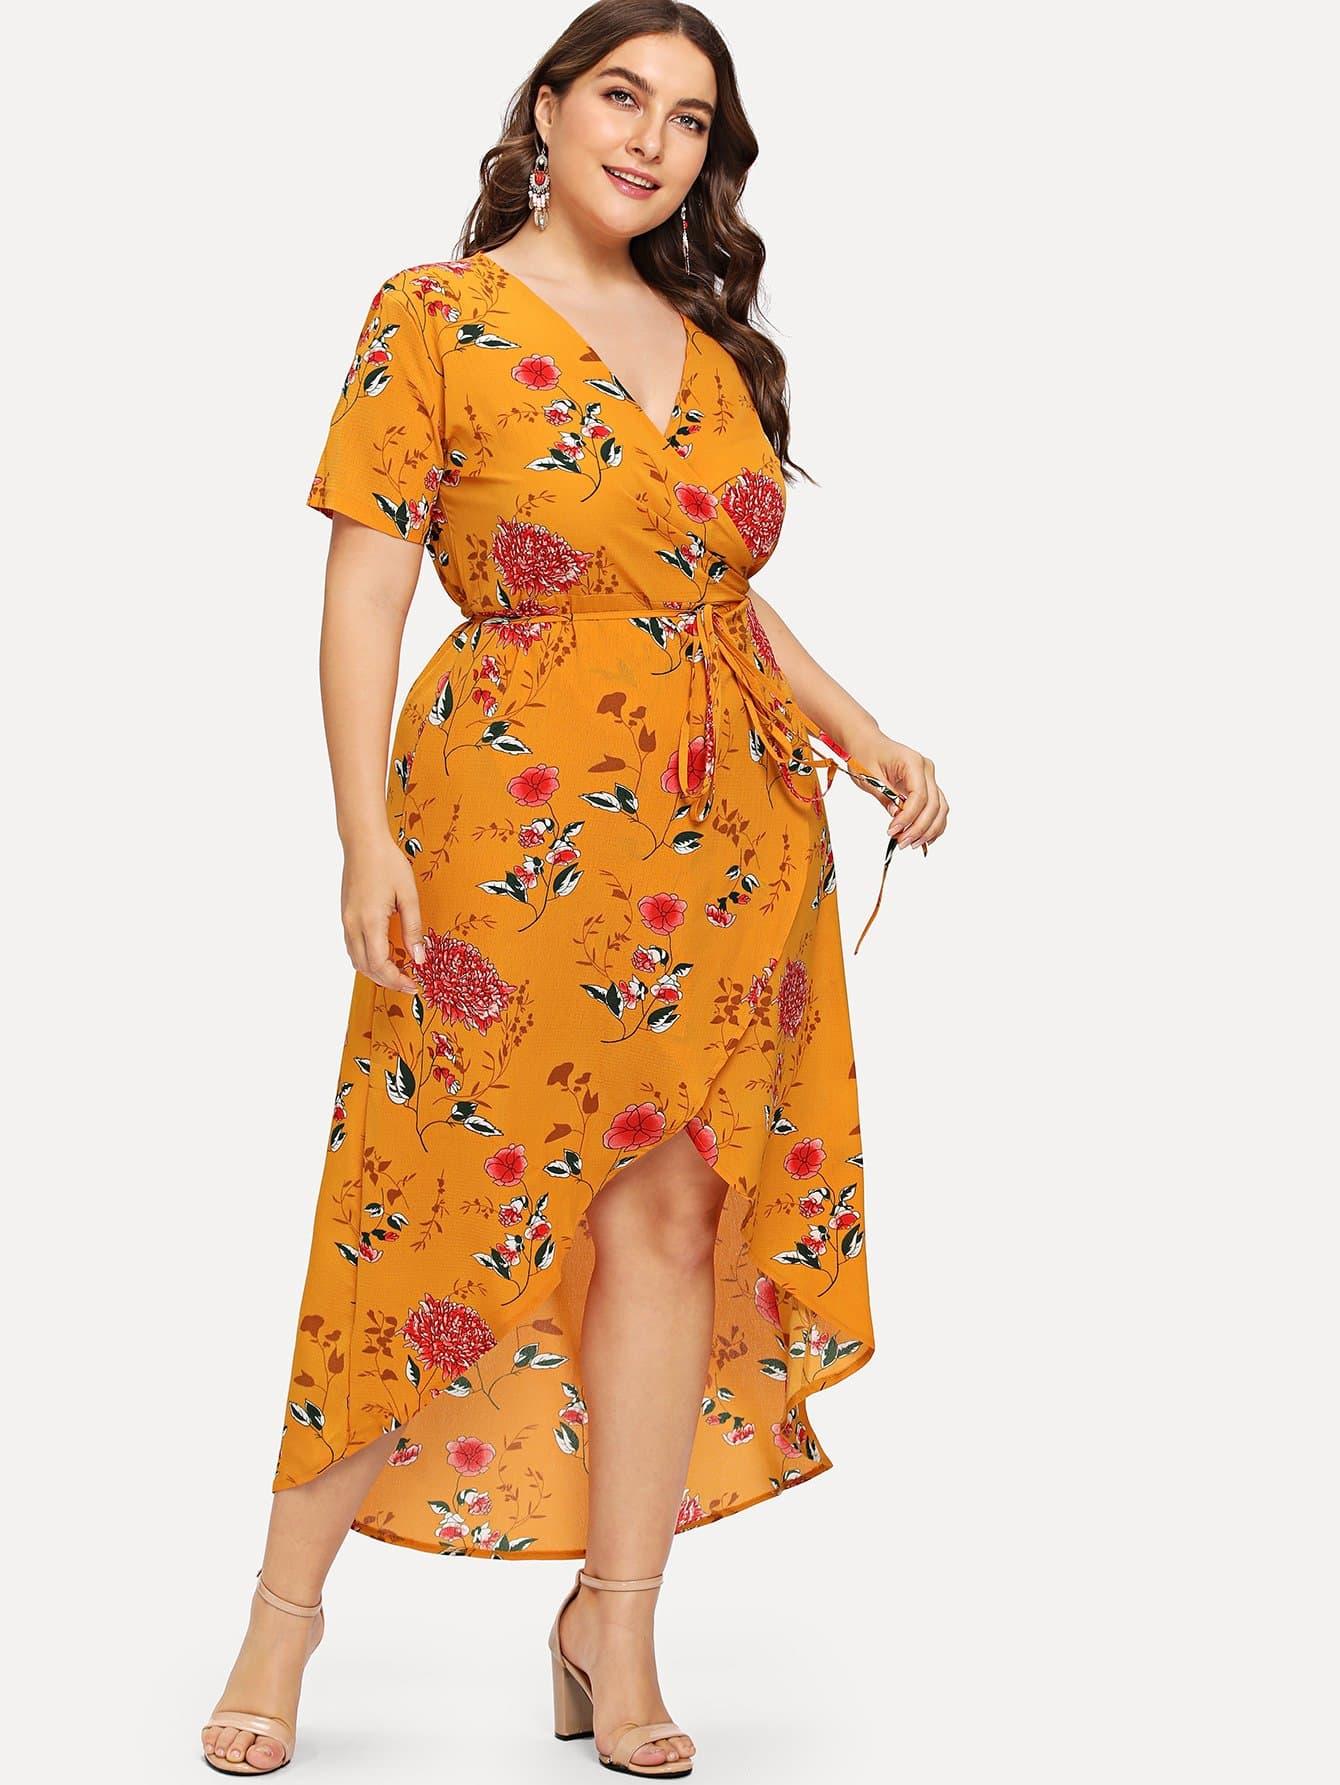 Купить Платье в цветочек со шнурком, Franziska, SheIn